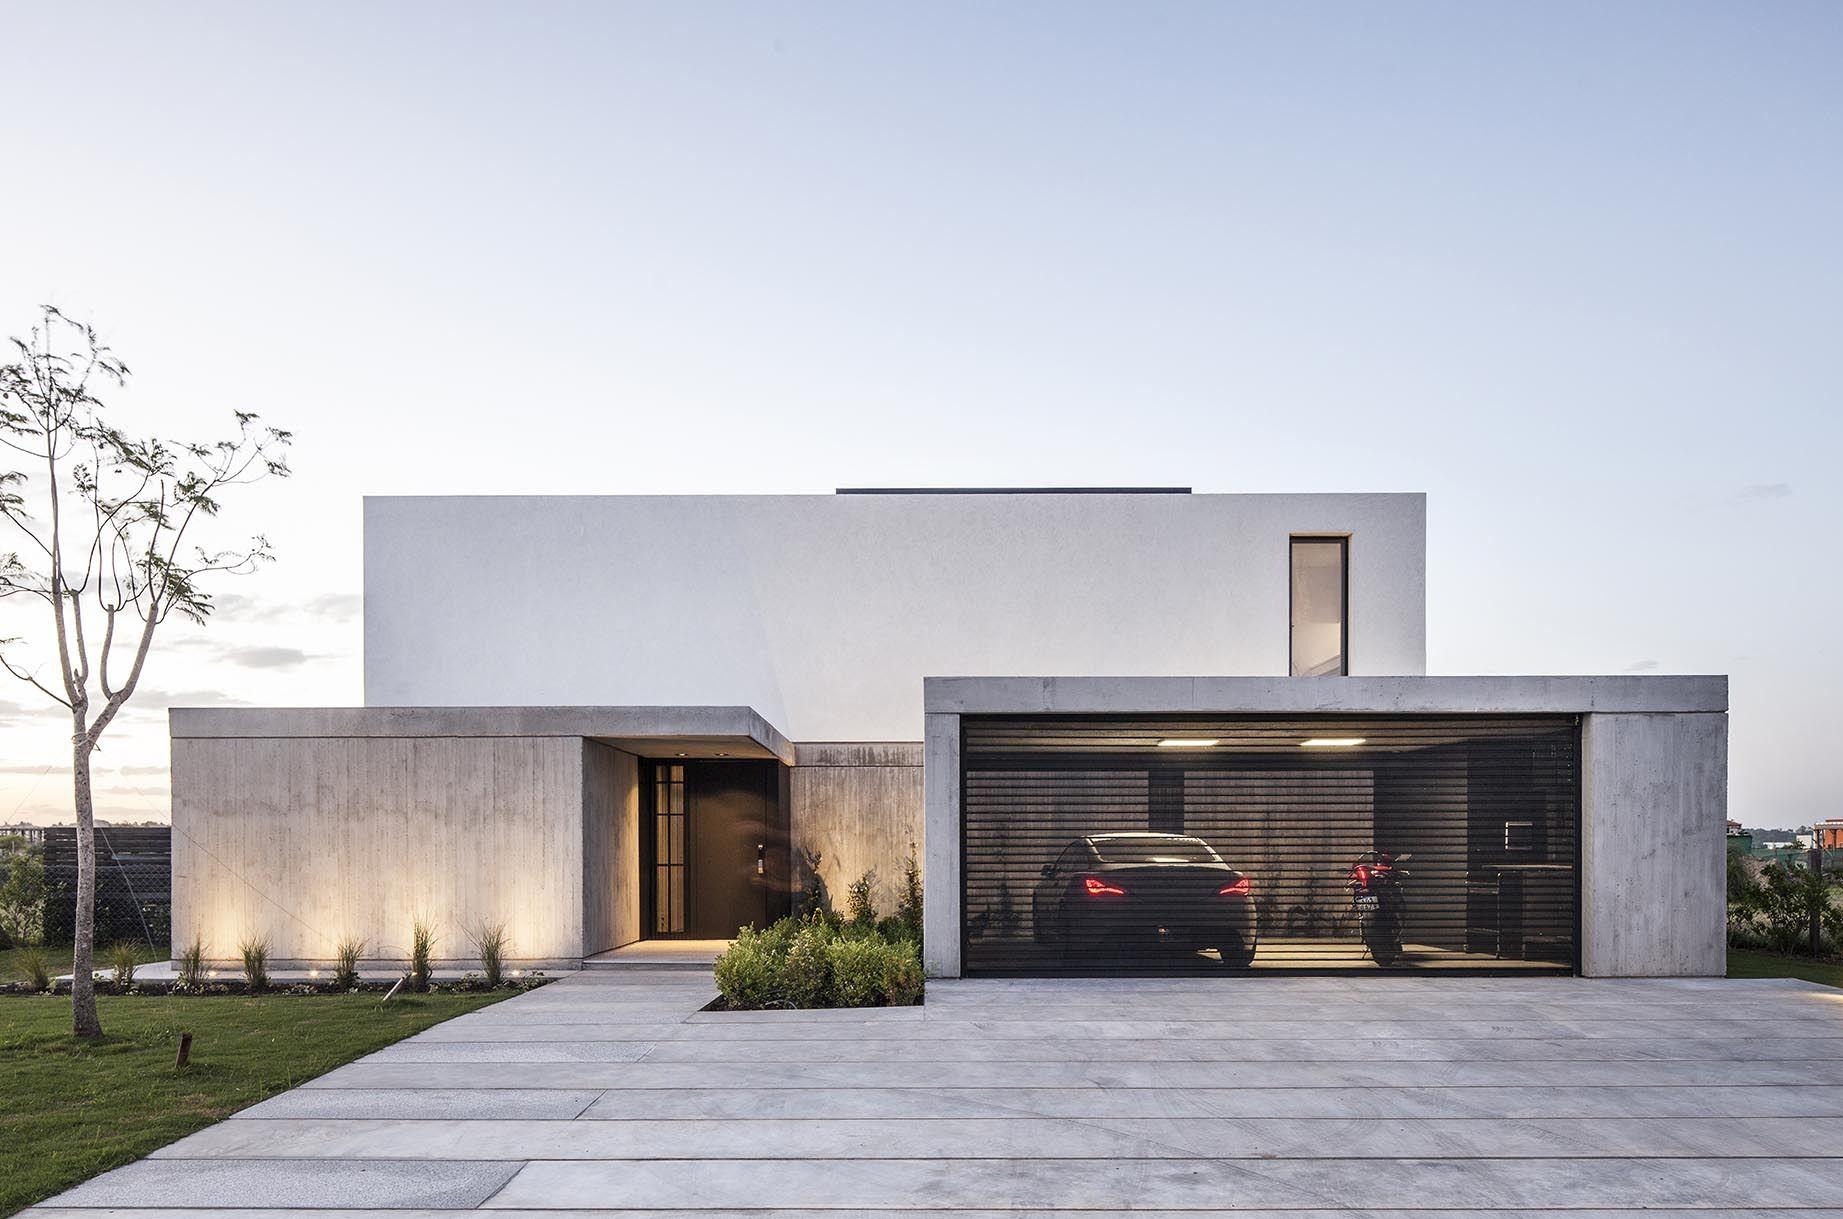 House n estudio gm arq fachadas de casas modernas for Casa design moderno